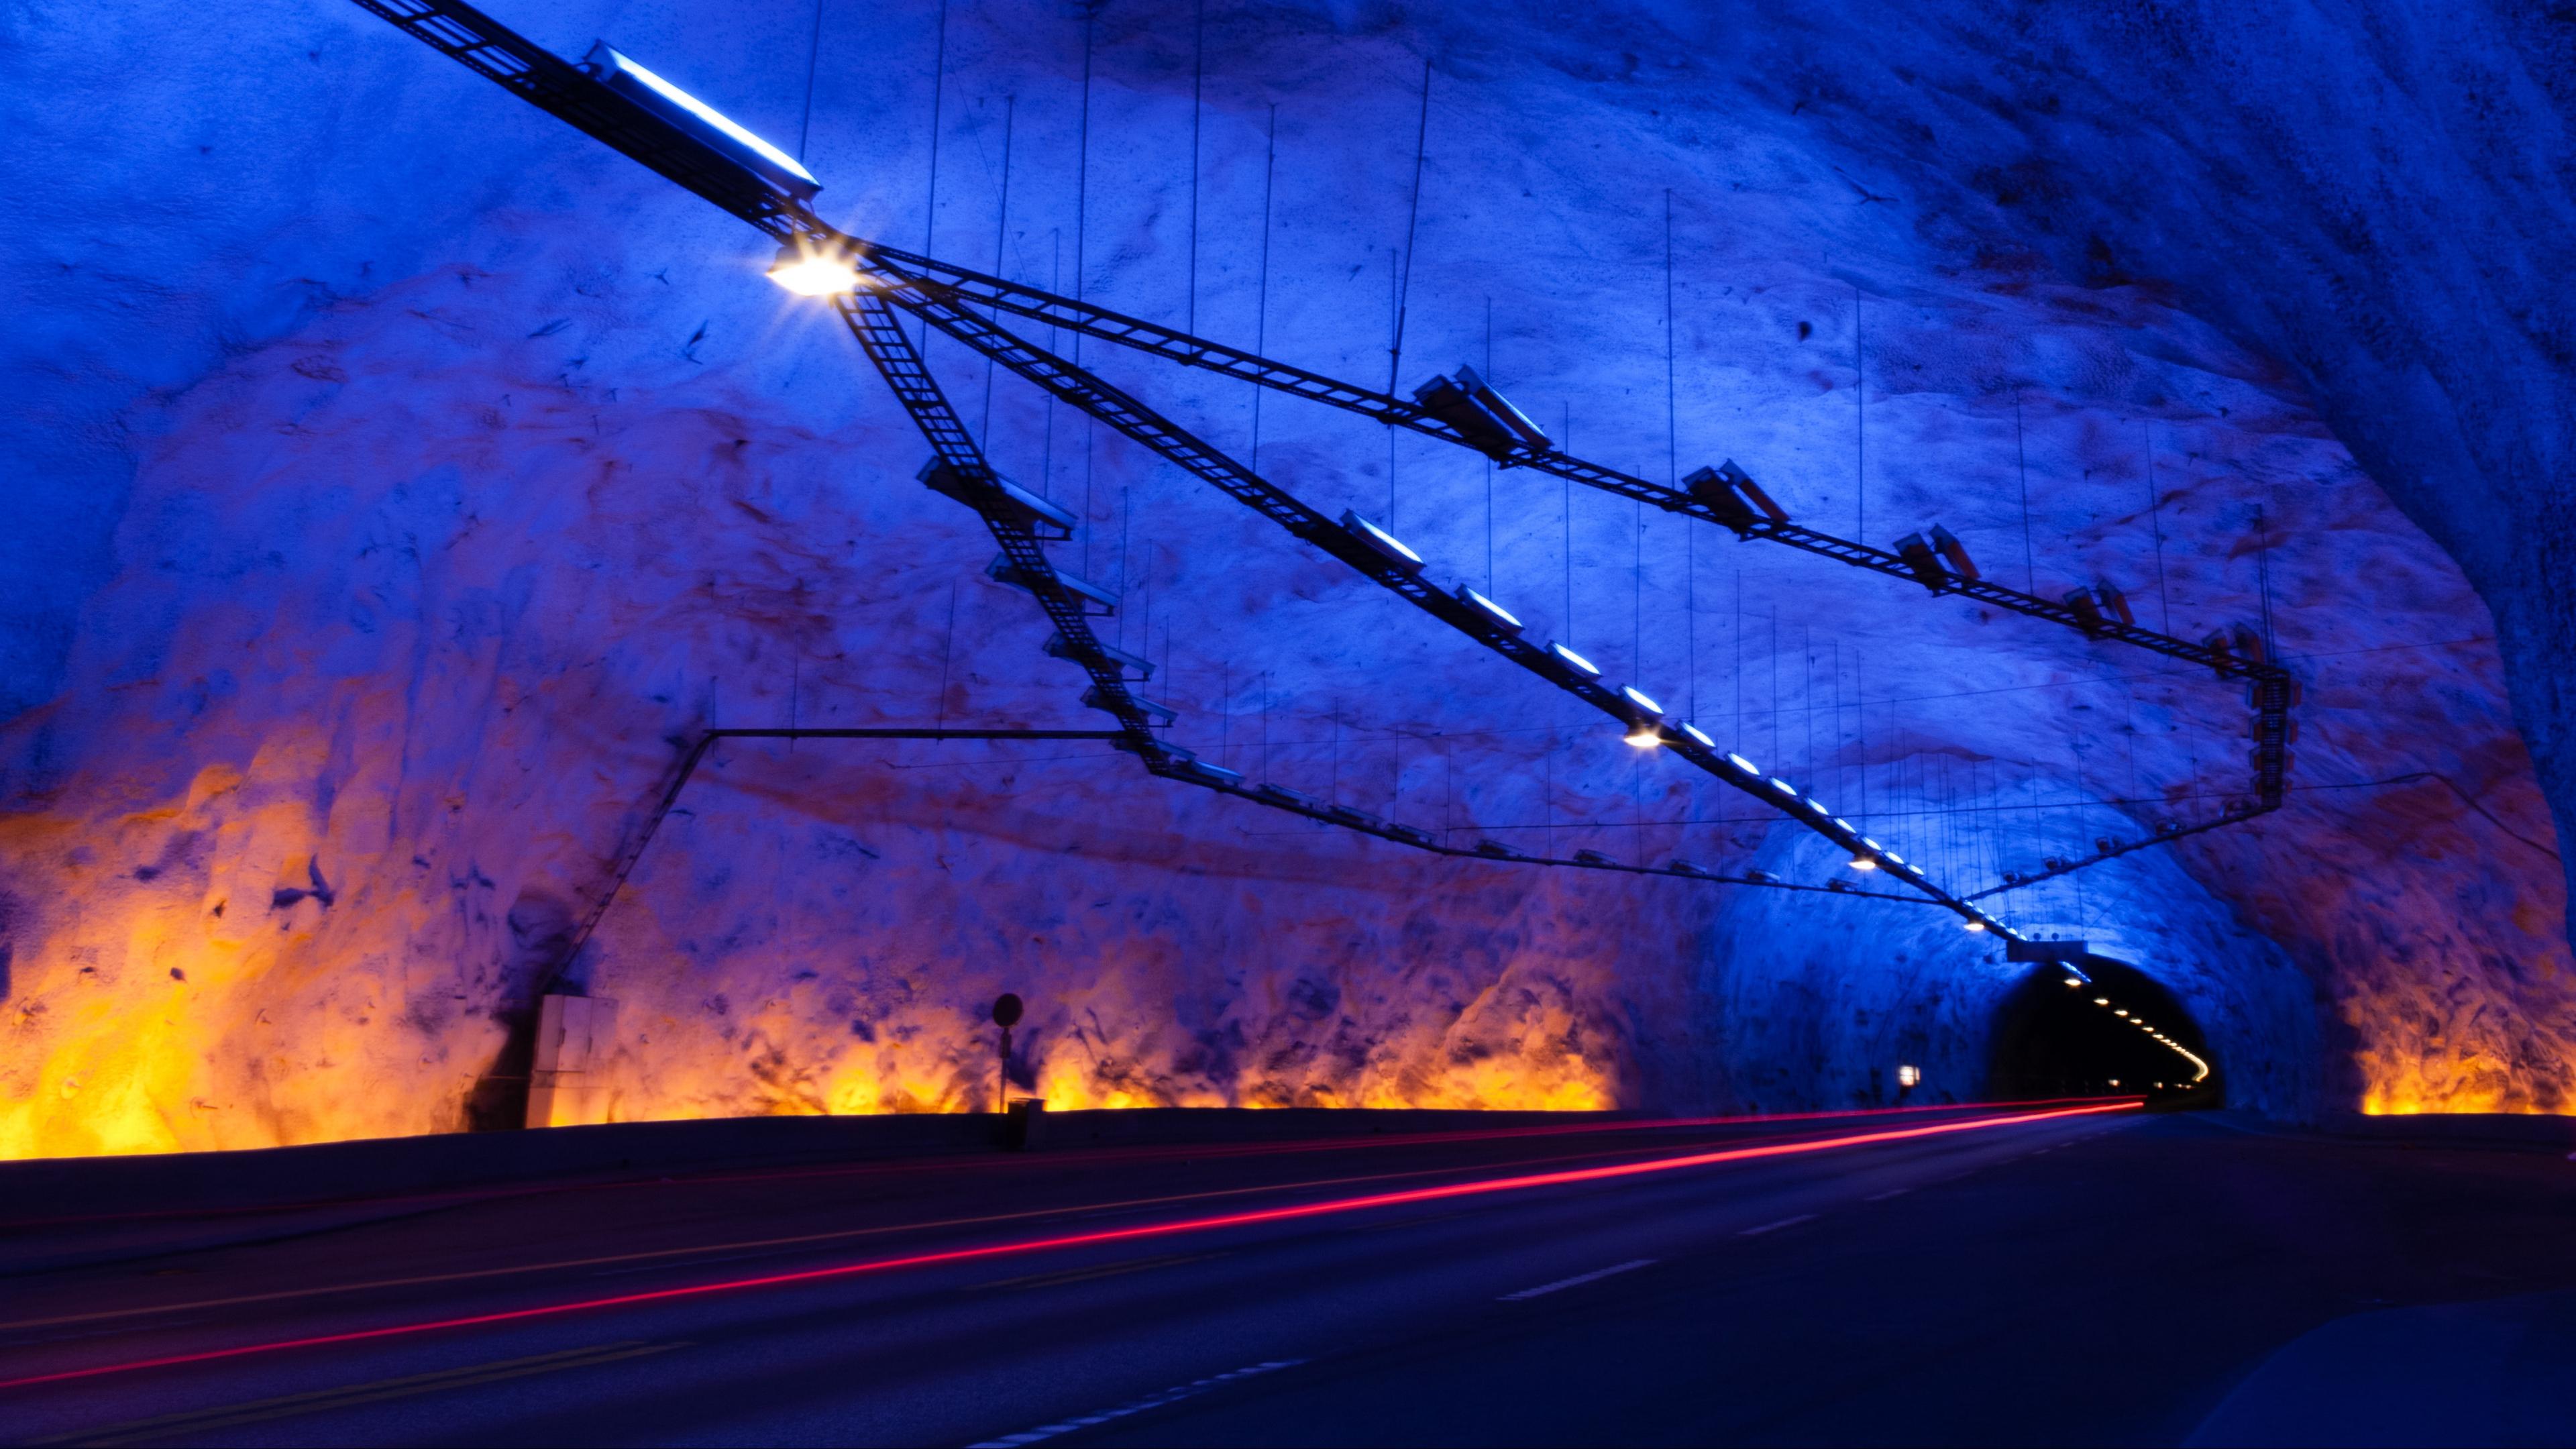 tunnel dark lights underground lighting 4k 1541972186 - tunnel, dark, lights, underground, lighting 4k - Tunnel, Lights, Dark